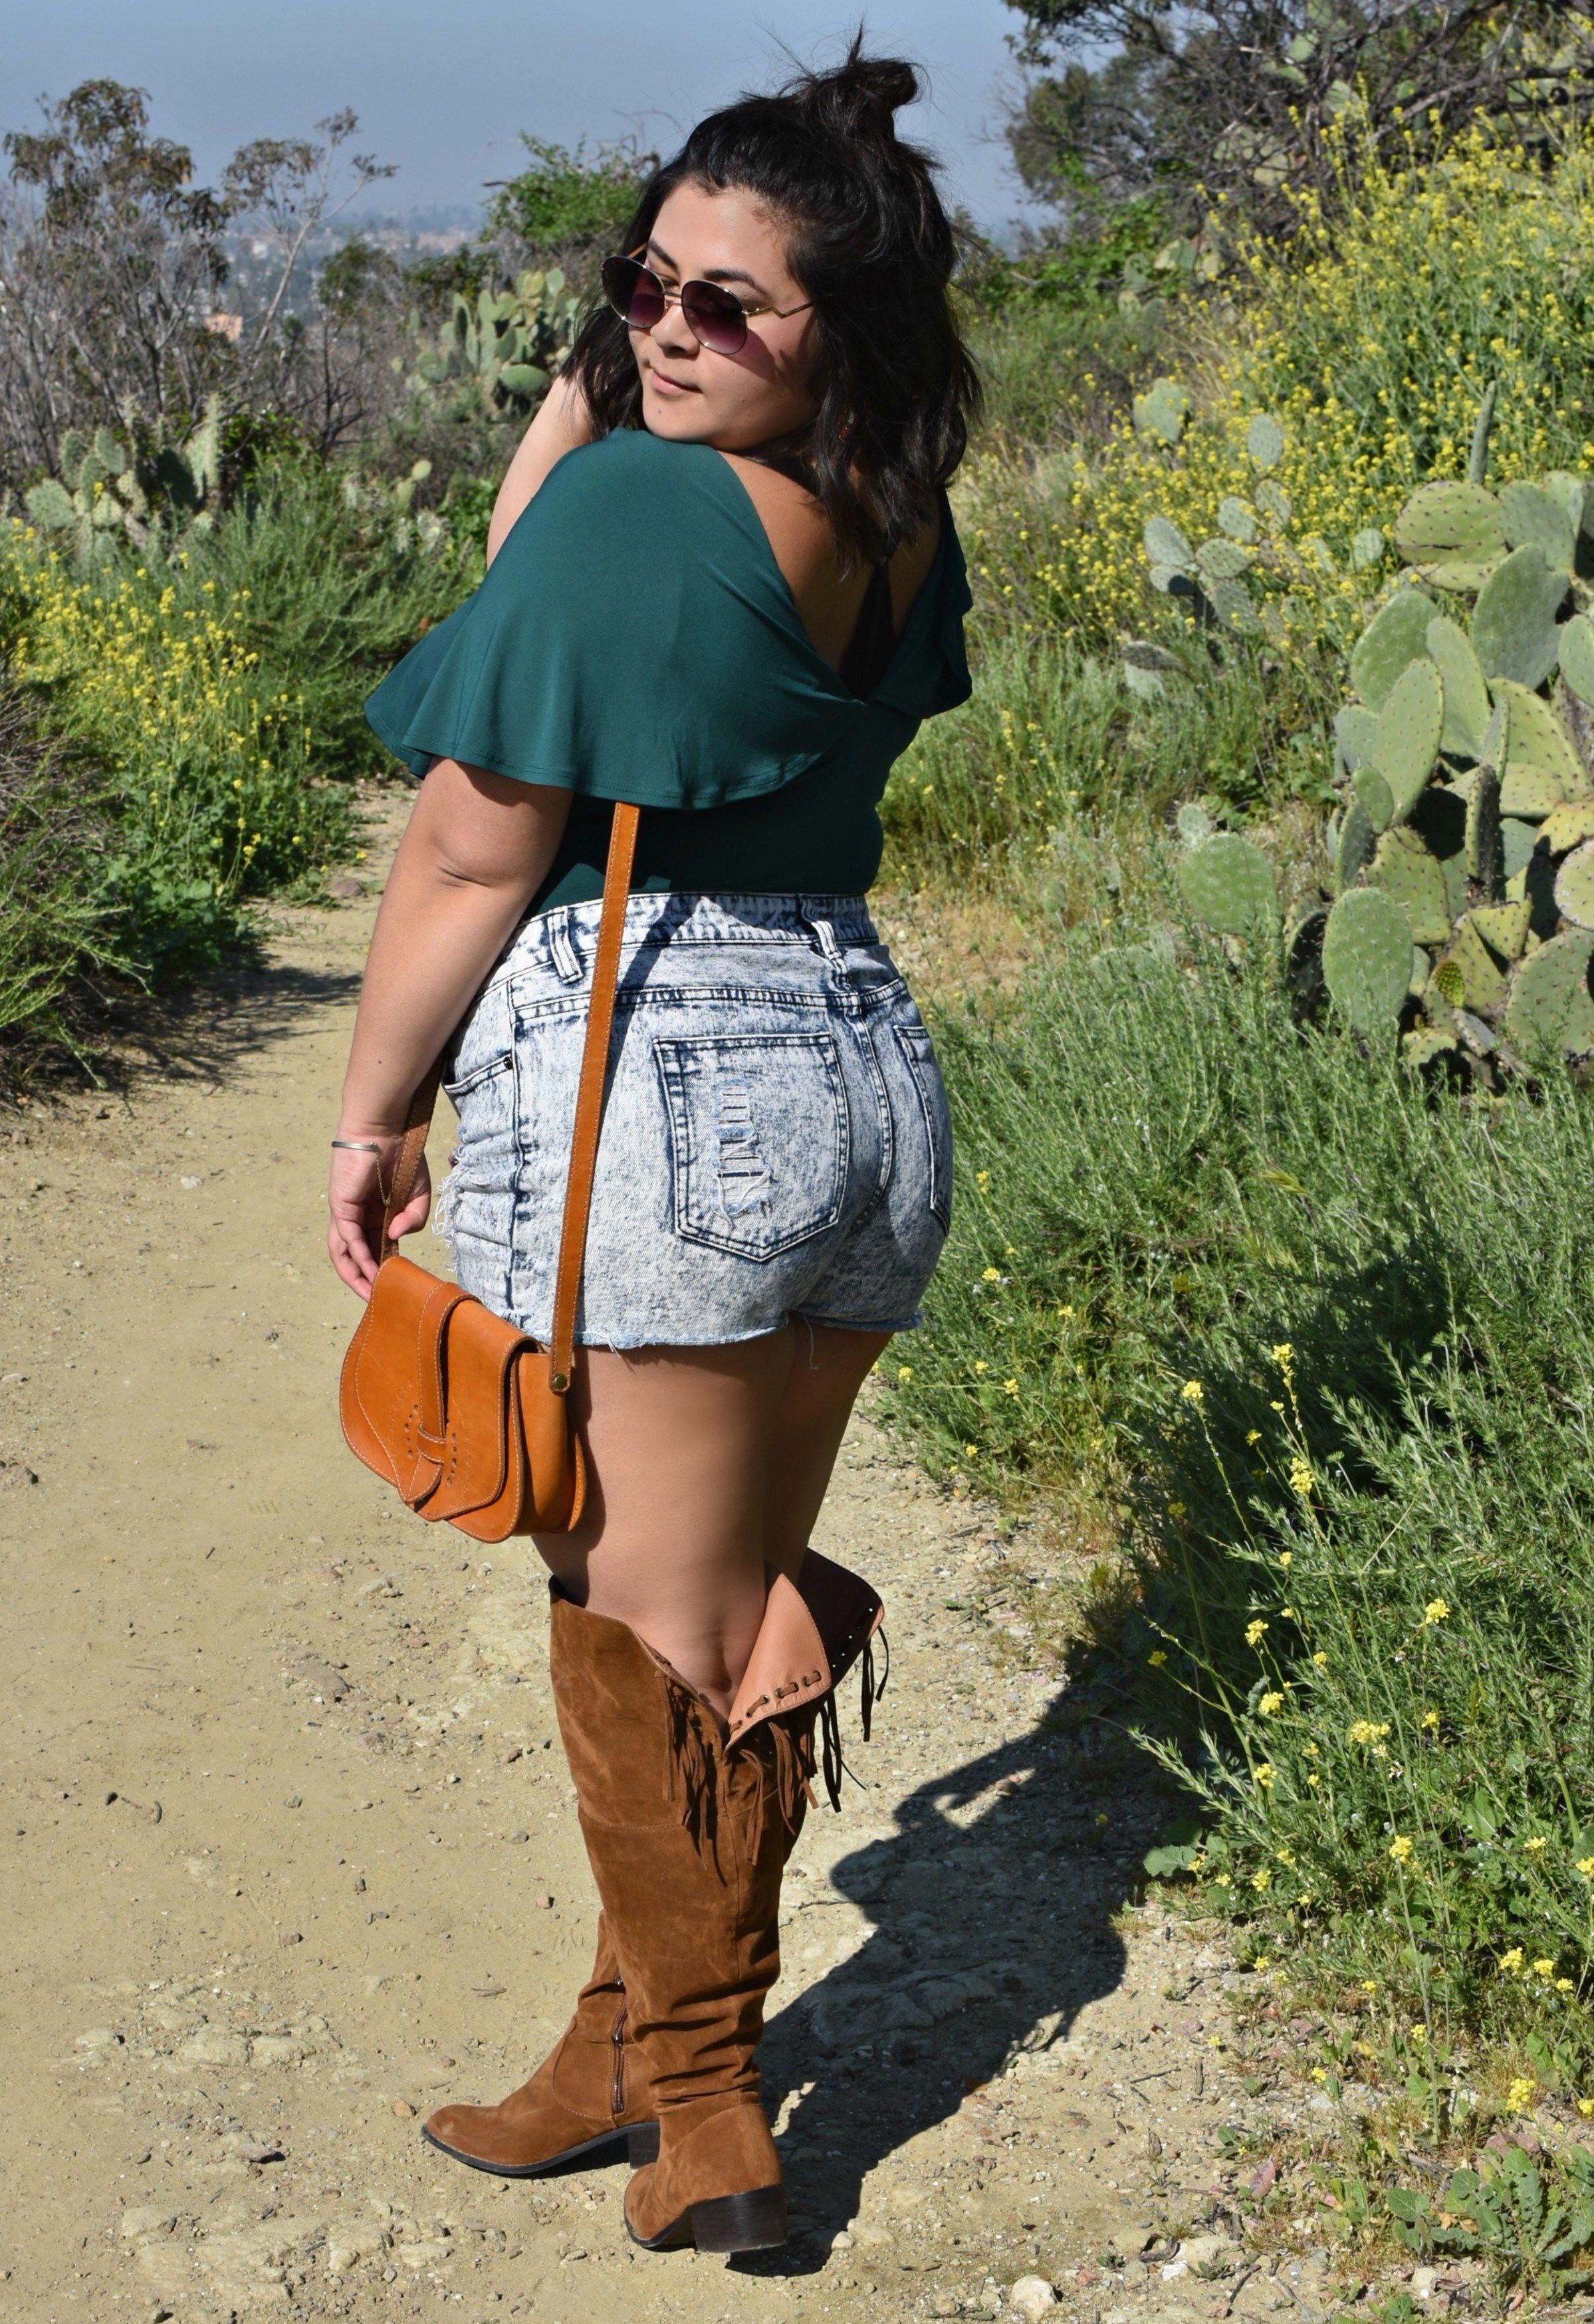 7c1d55ea38c Music festival outfit. Summer festival look. Coachella outfit idea. Coachella  outfit. Plus size coachella outfit. Plus size boho. Plus size bohemian.